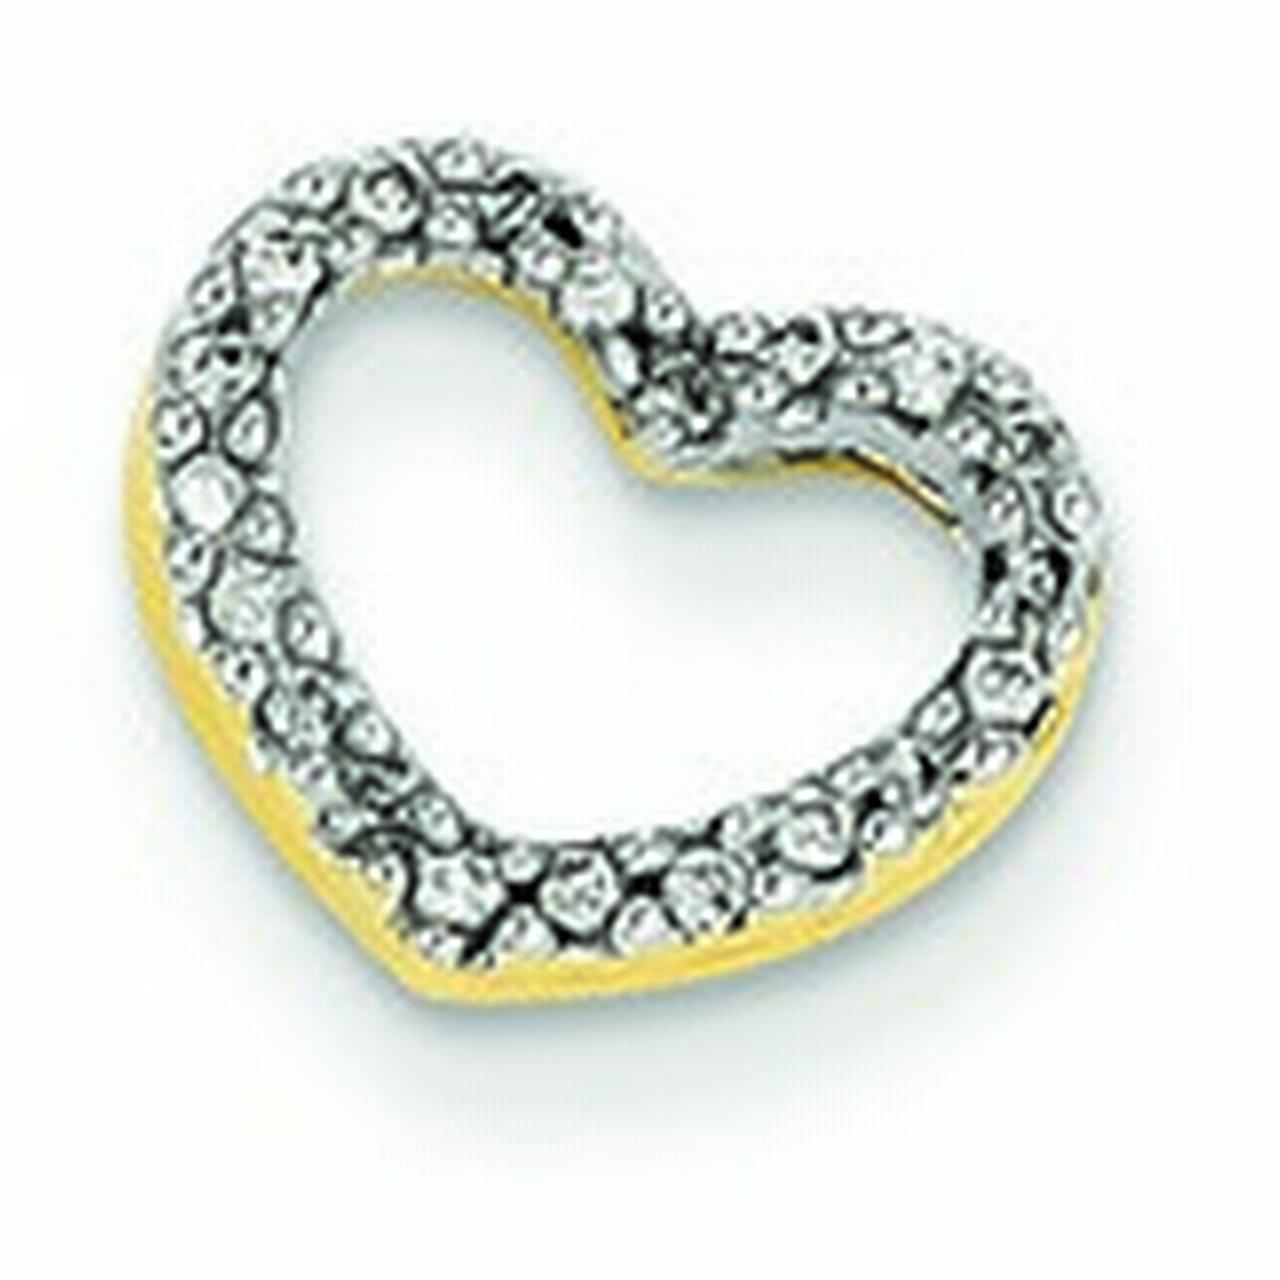 14k Gold Diamond Heart Slide - .08 dwt